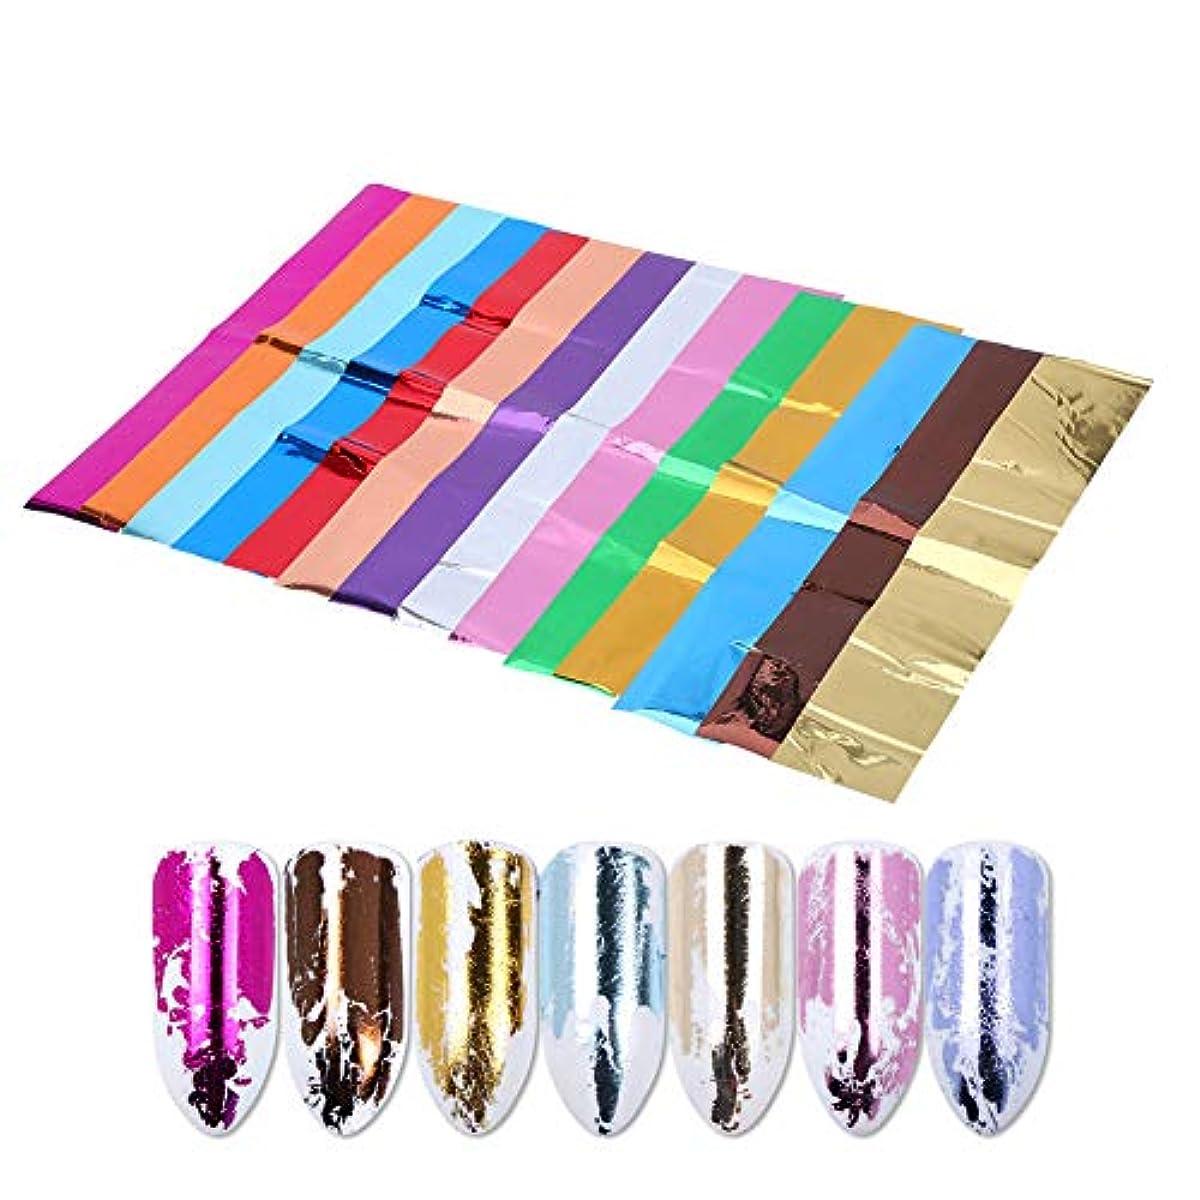 日光ベックス必須ソリッドカラーのネイルアップリケ、偽ネイル用の光沢のある装飾的なステッカーの14個/セット